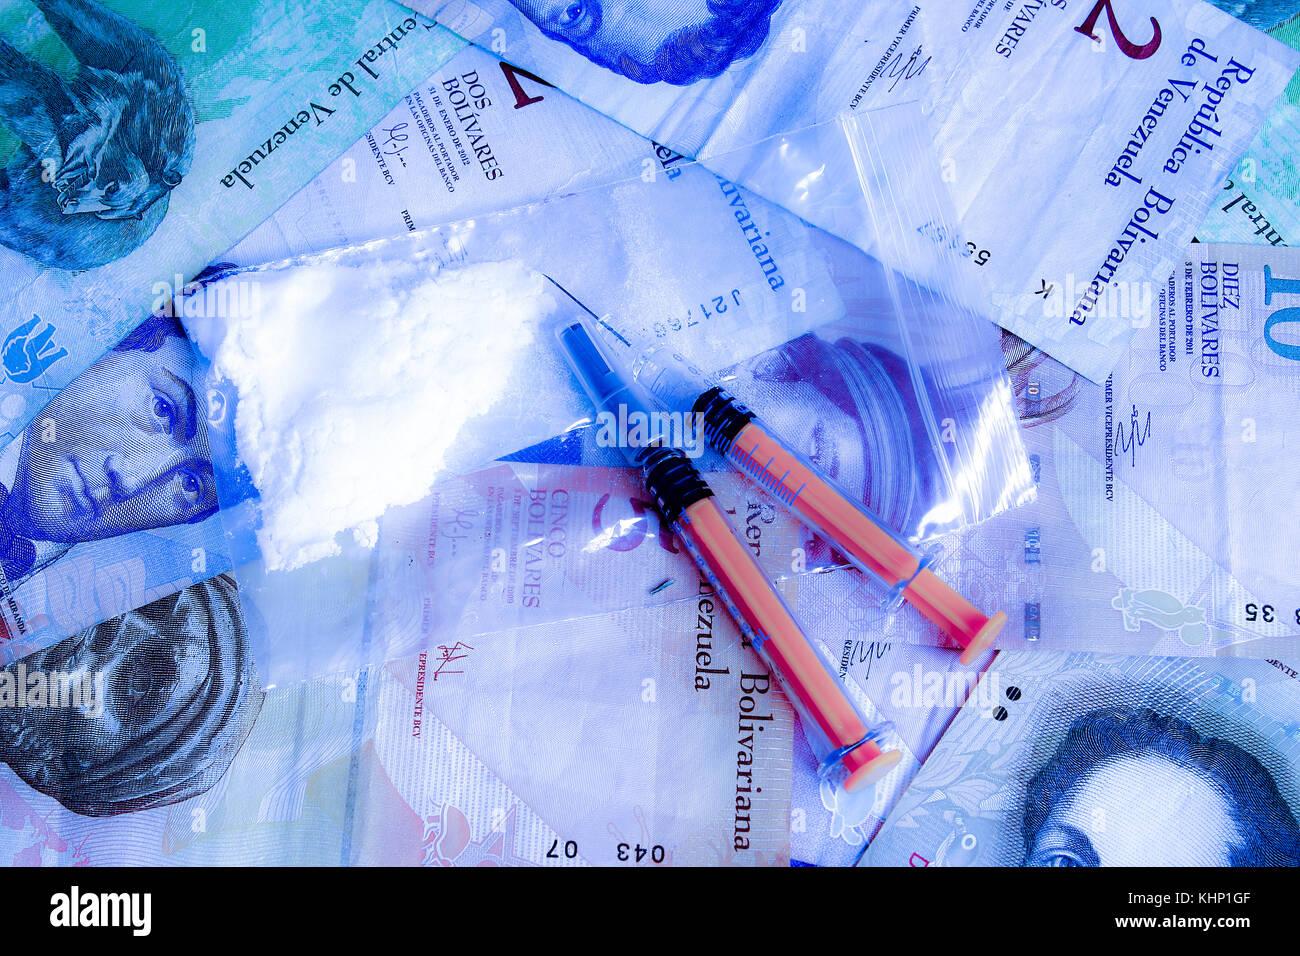 drug trafficking stock photos  u0026 drug trafficking stock